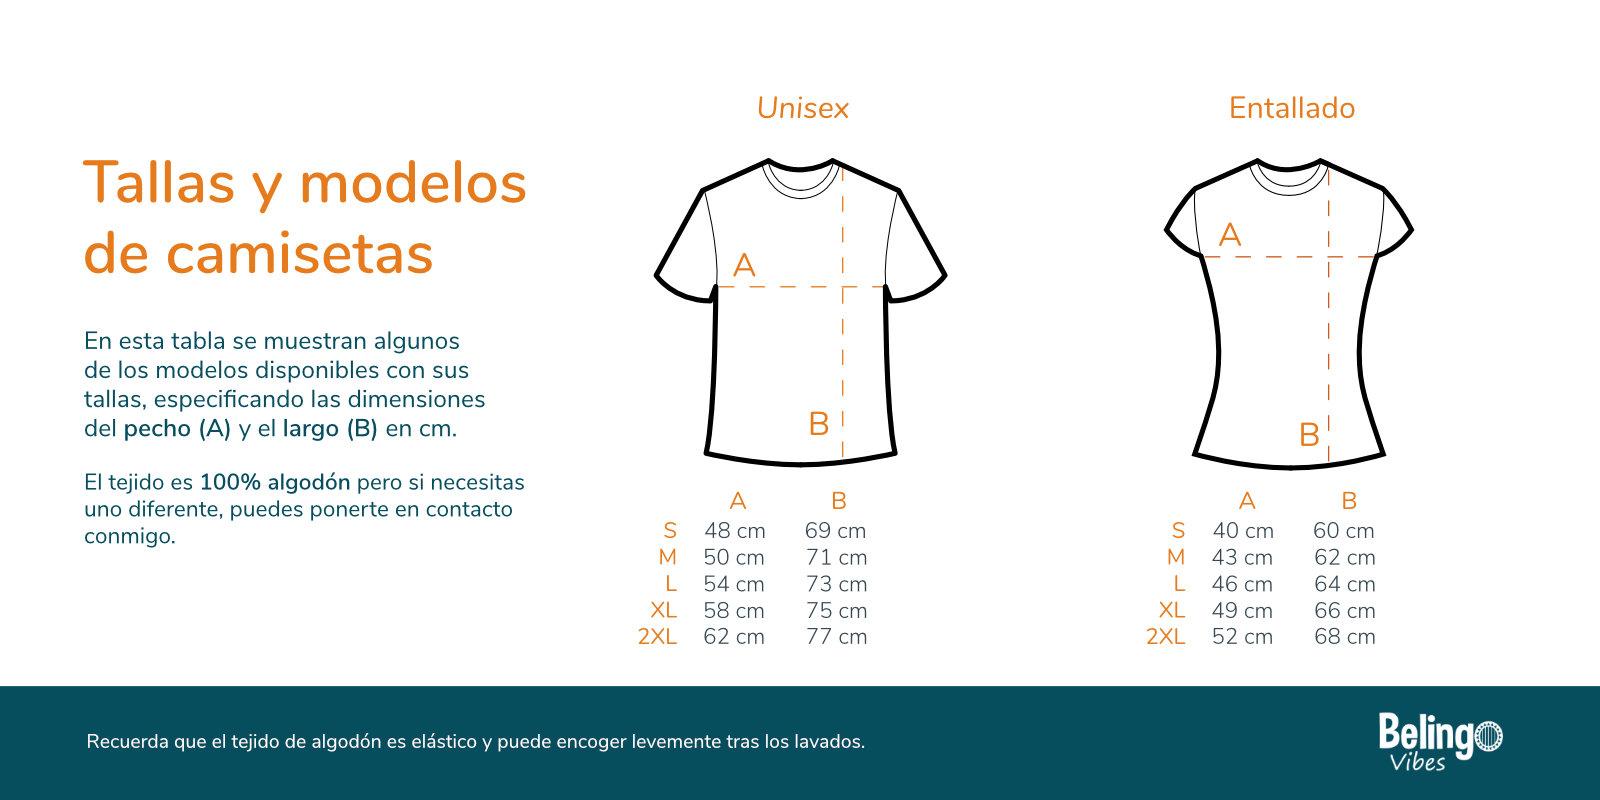 Dimensiones Camisetas